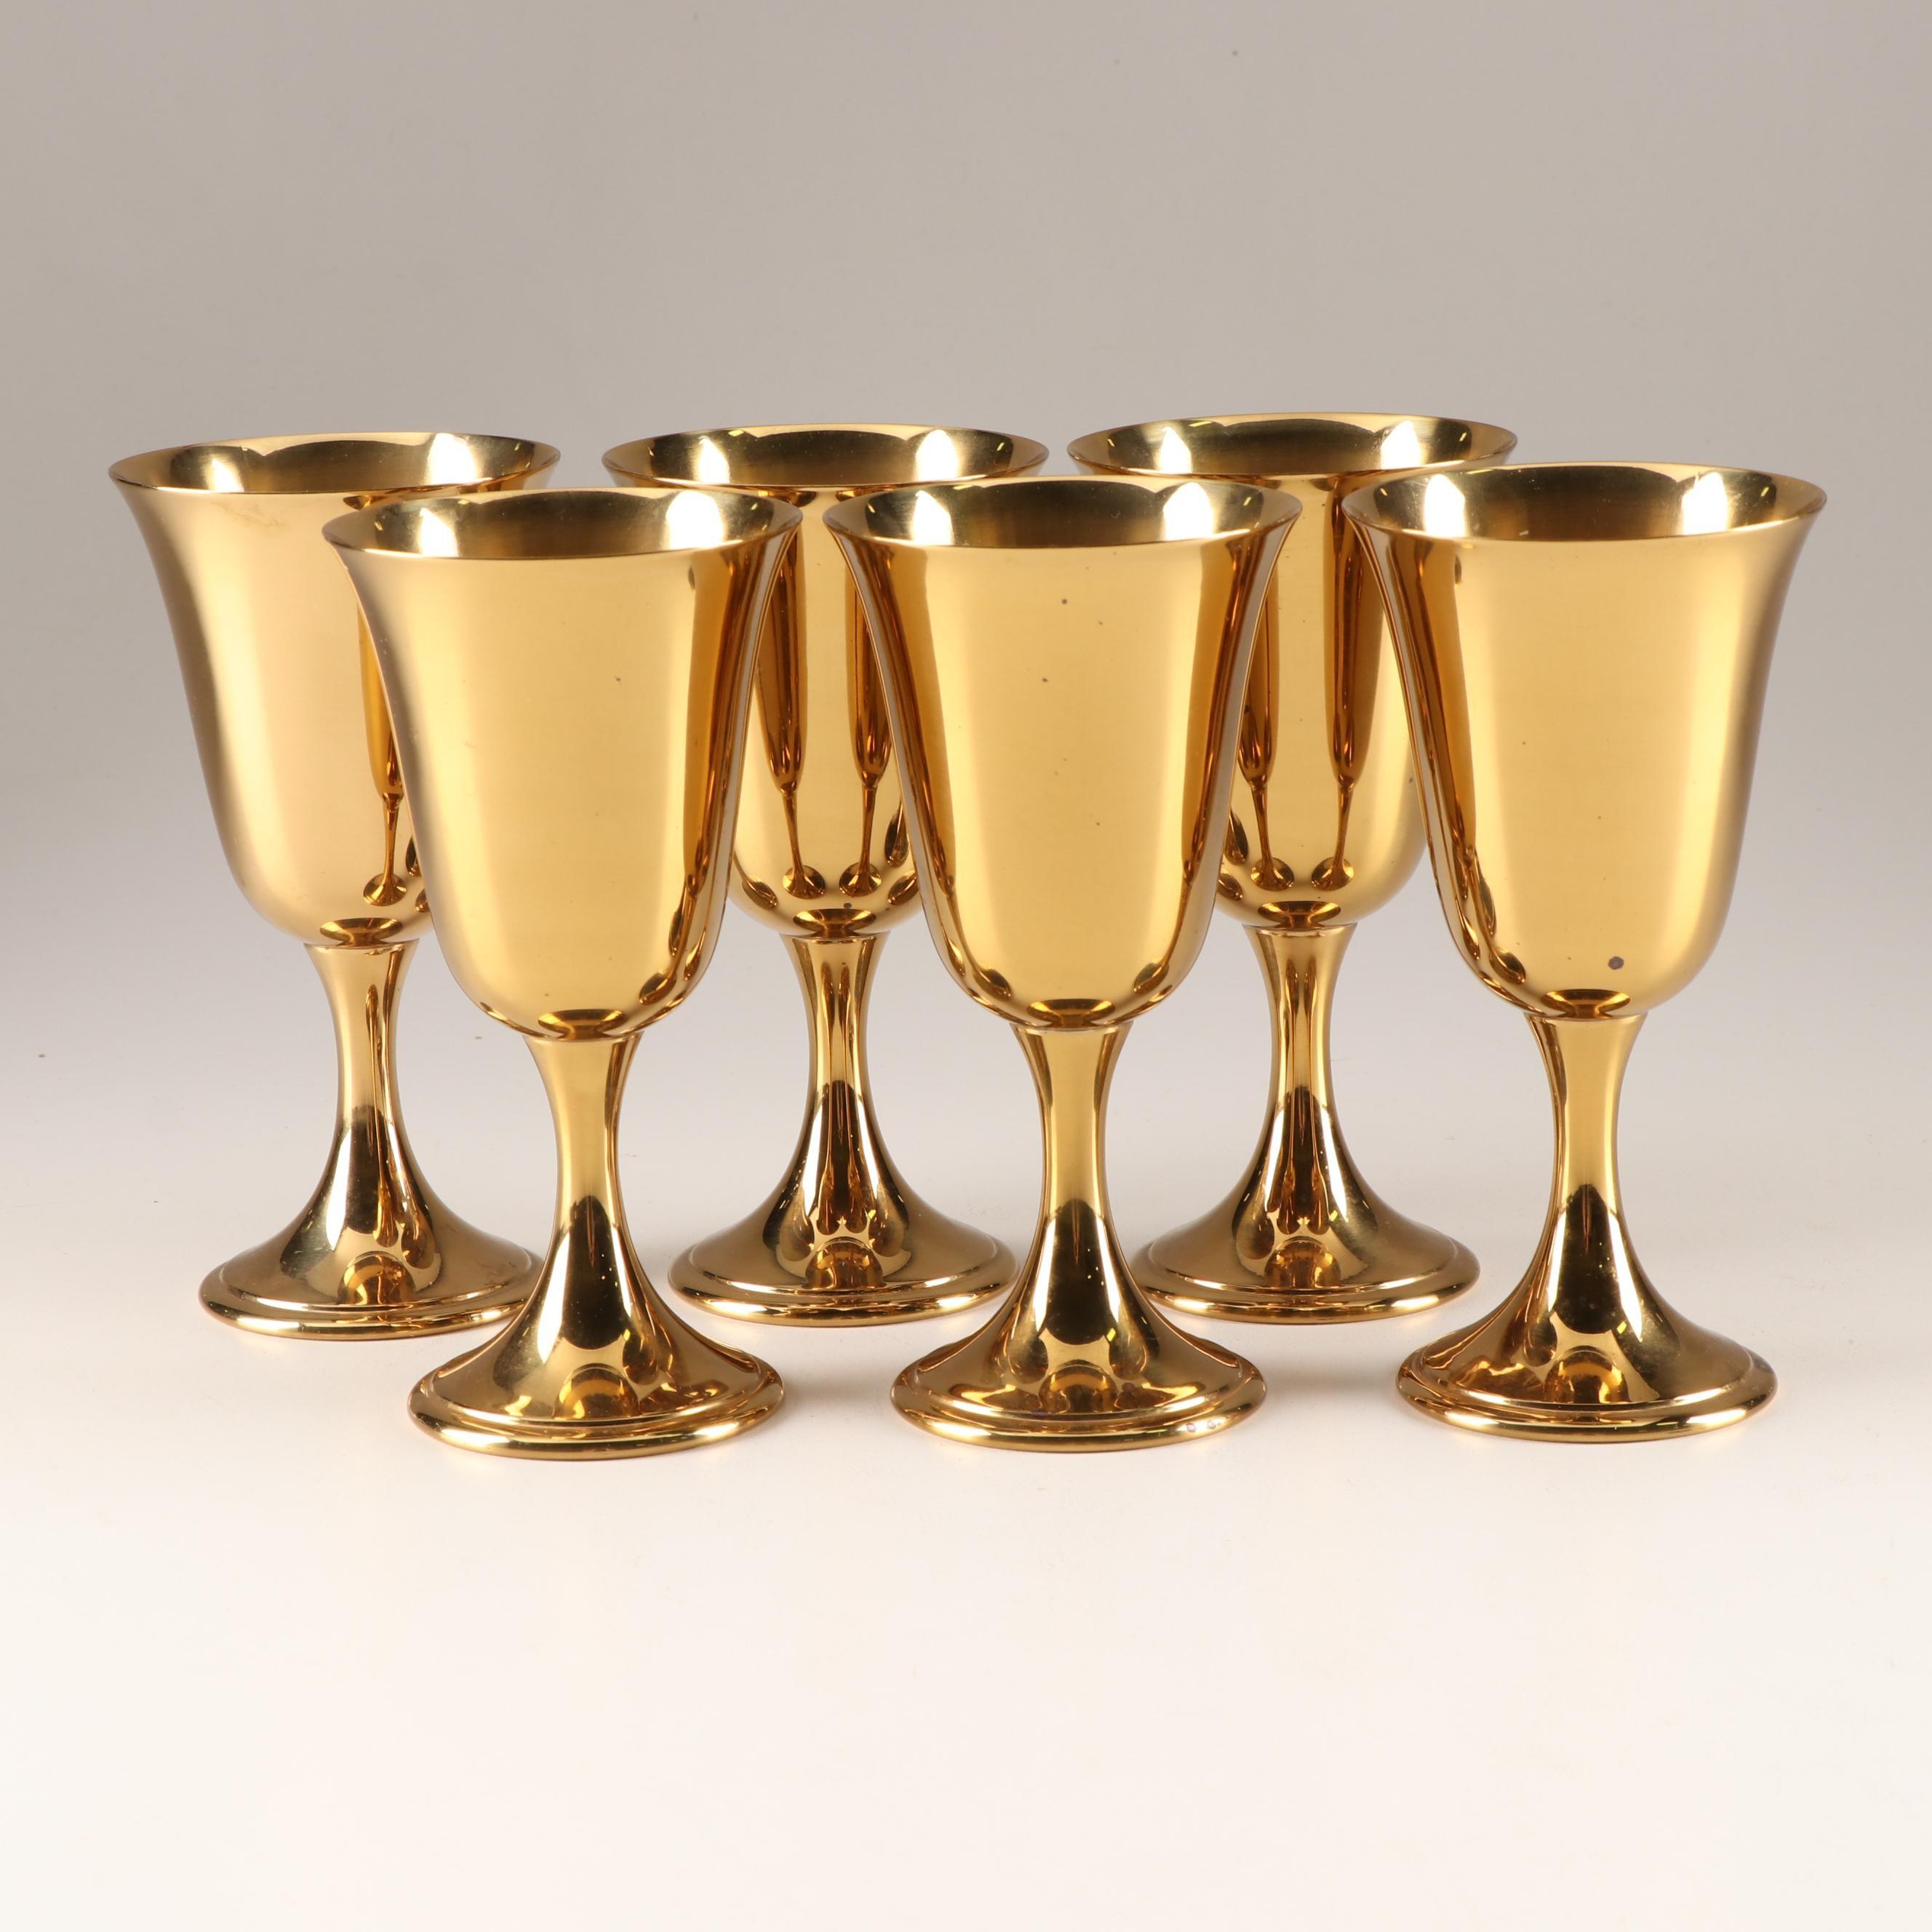 Gorham Giftware Gold Tone Goblets